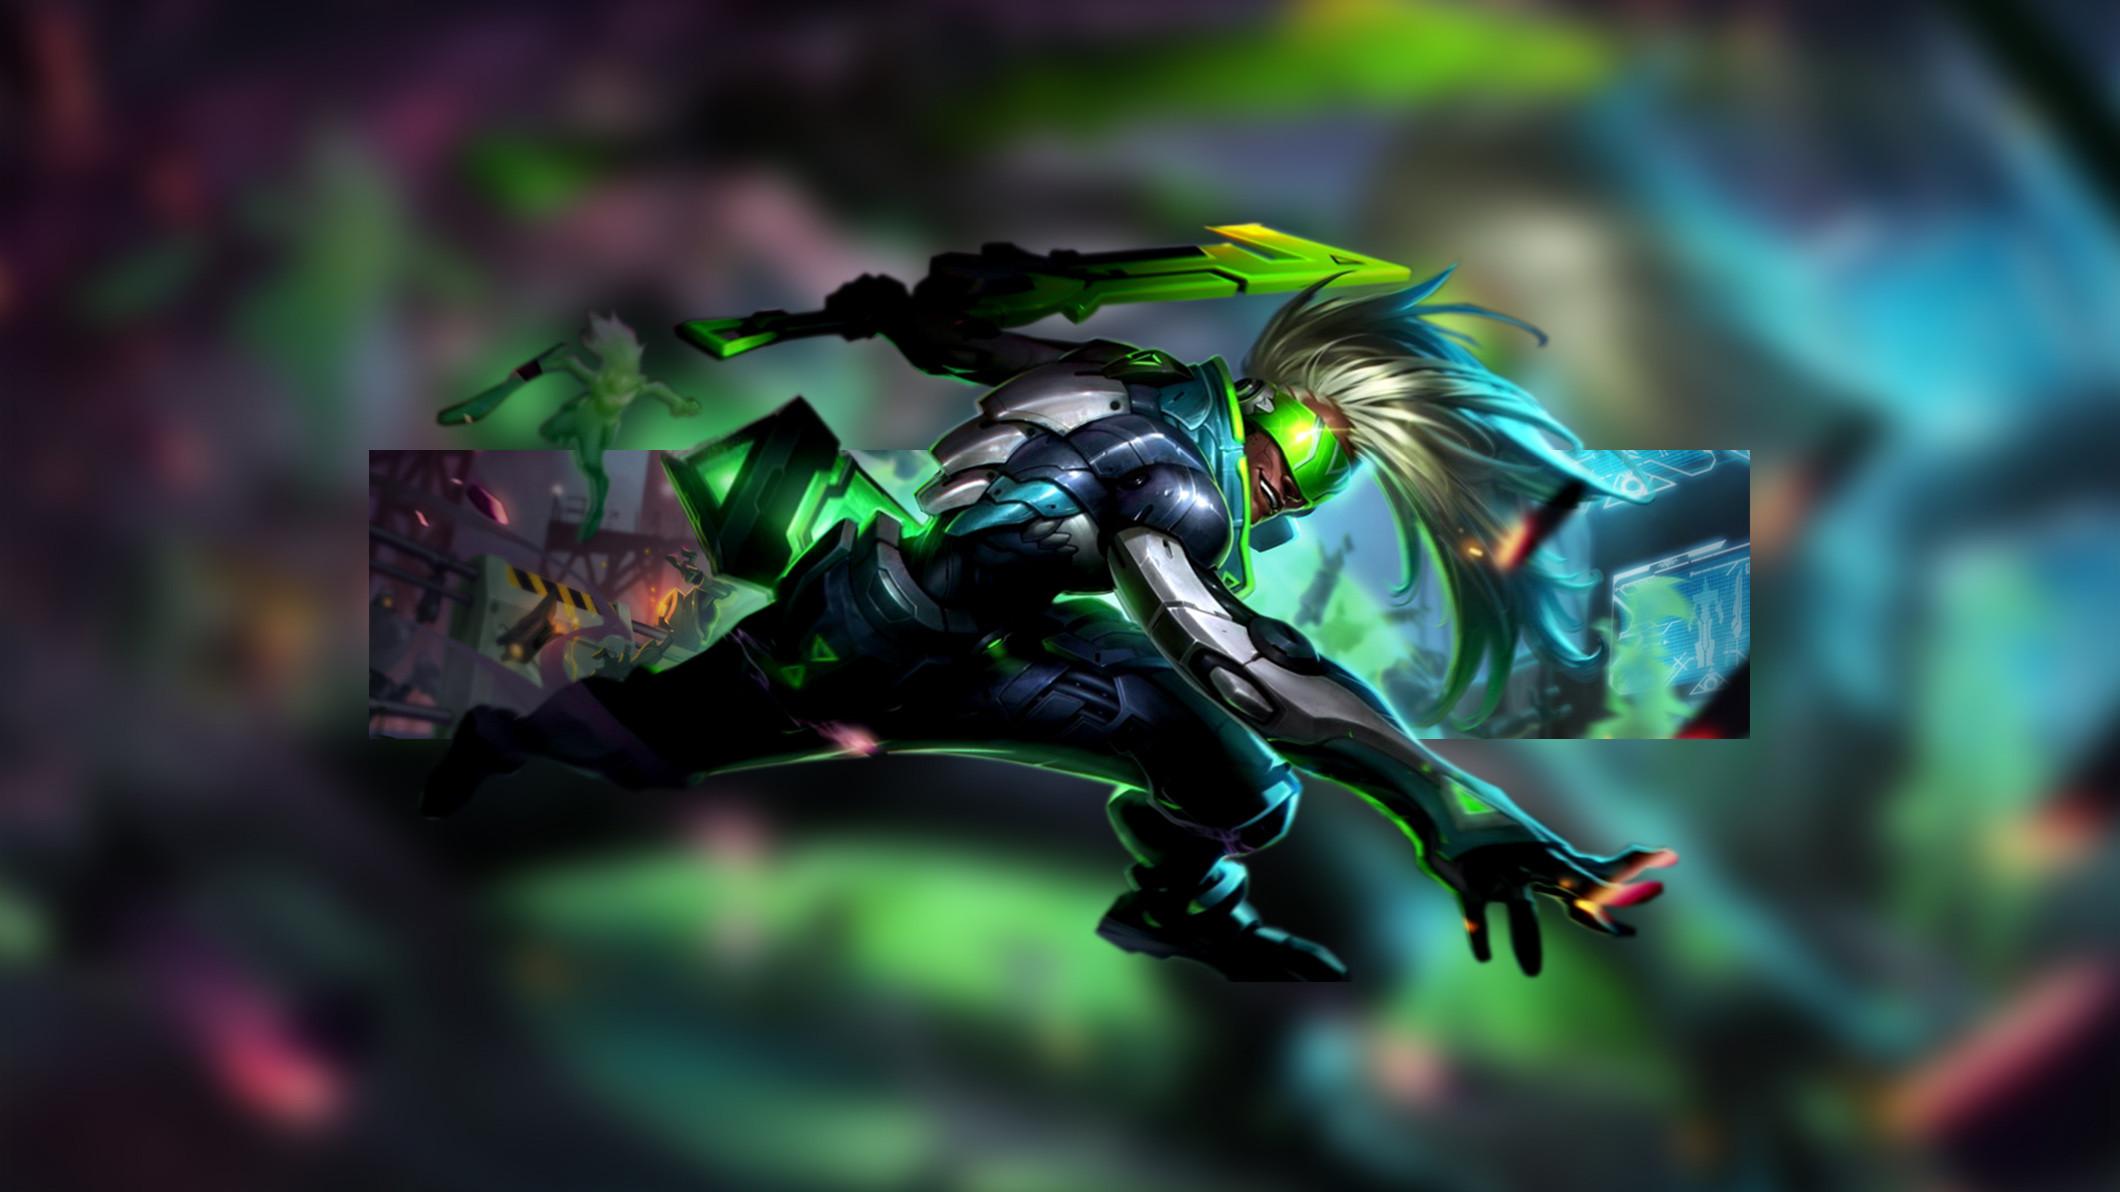 PROJECT Ekko by Insane HD Wallpaper Fan Art Artwork League of Legends lol